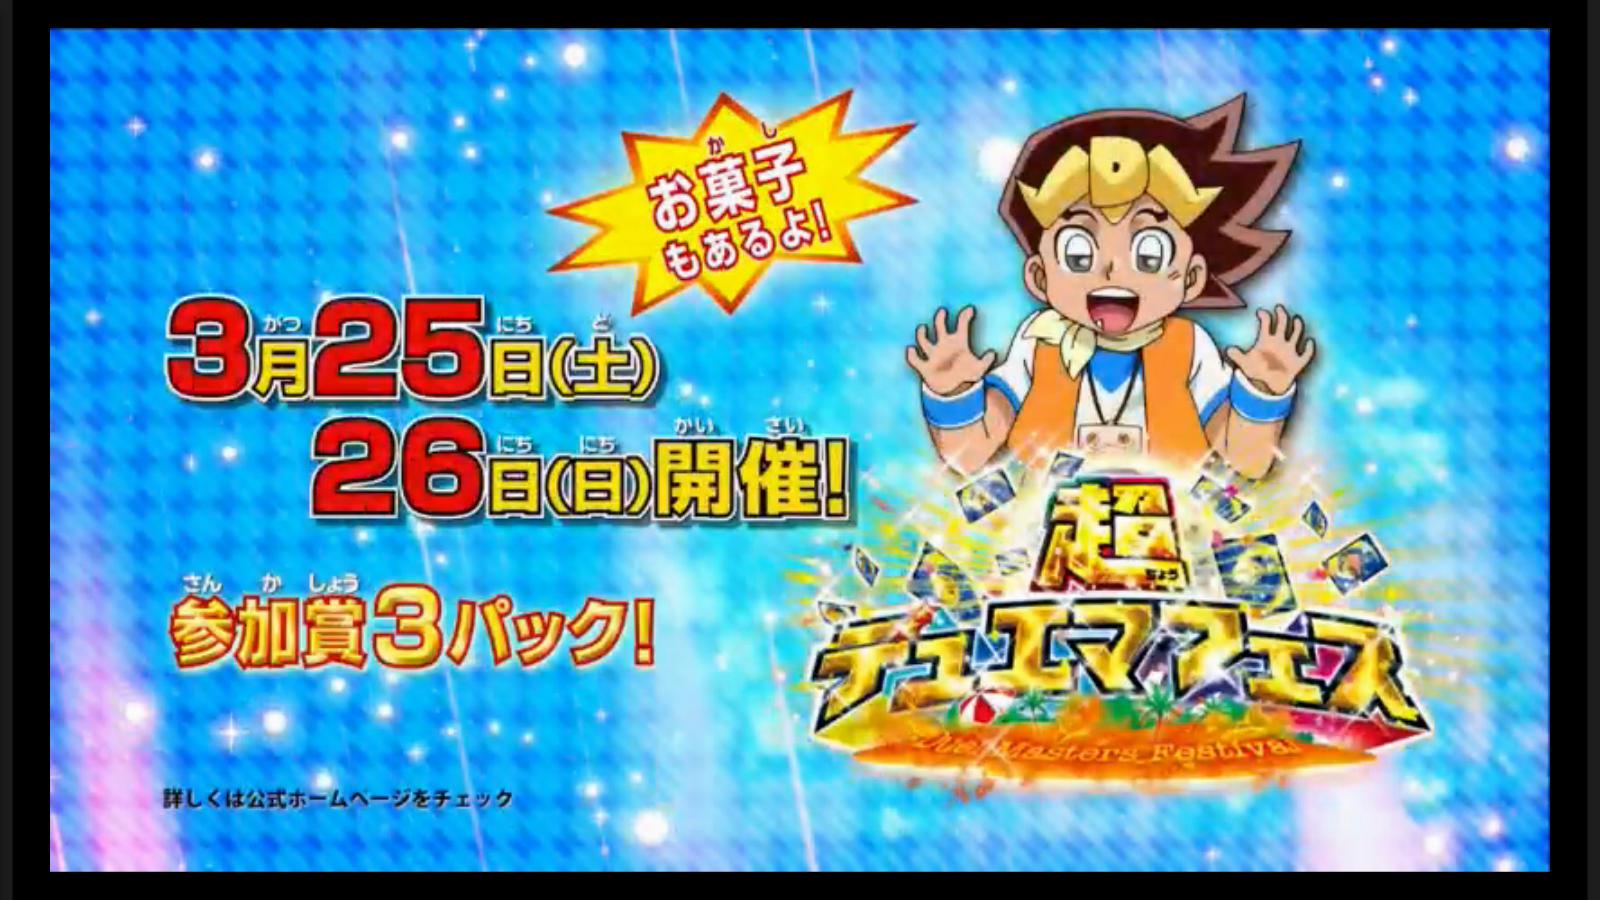 dm-kakumei-finalcup-news-170226-069.jpg